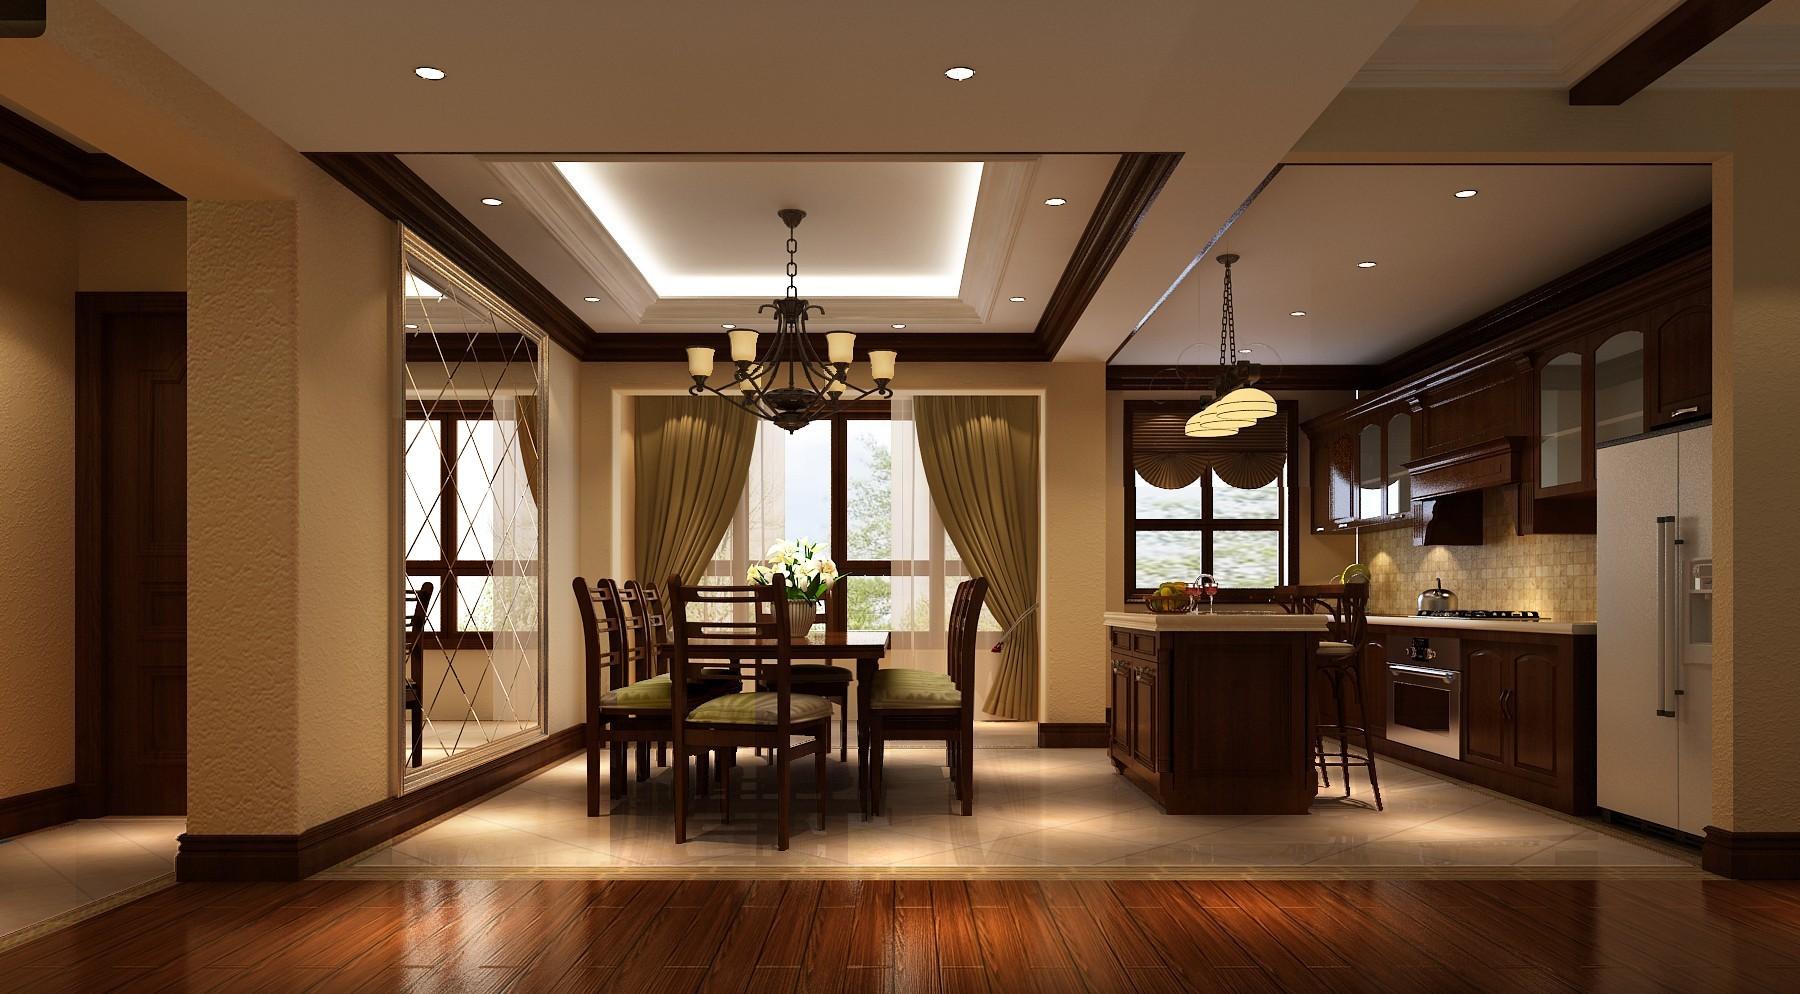 托斯卡纳 二居 平层 80后 小资 餐厅图片来自黑白昼夜循环丶在领袖慧谷150平托斯卡纳风格案例的分享